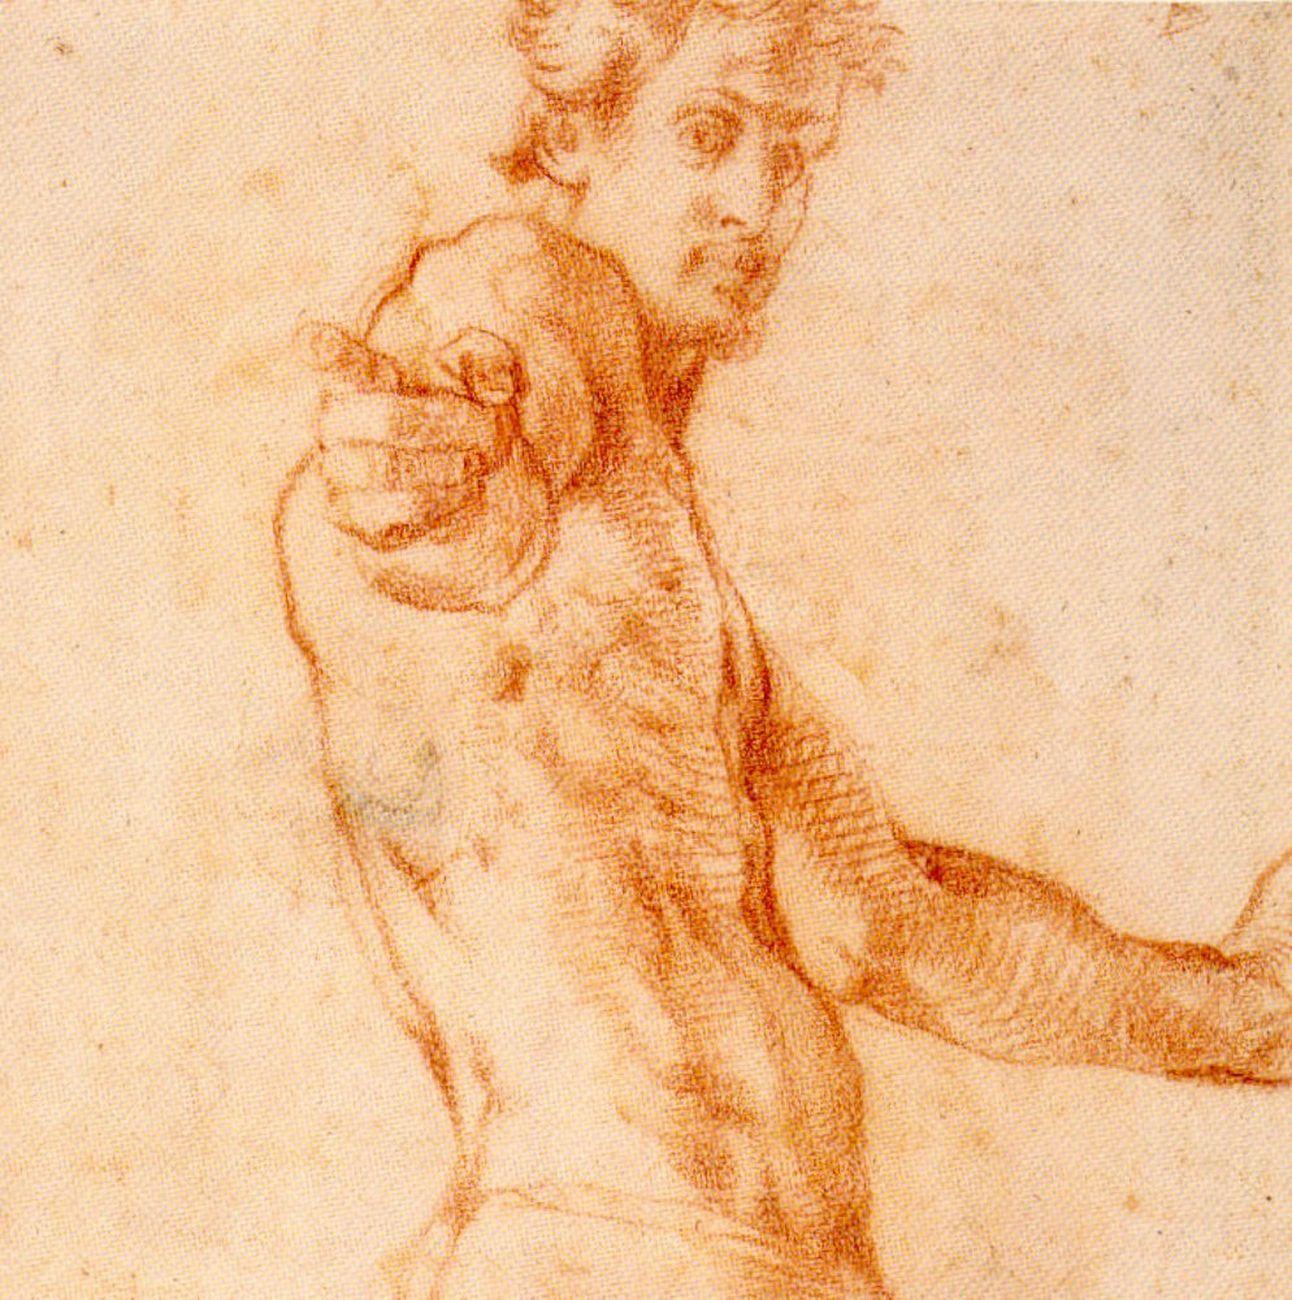 Jacopo Carucci detto Pontormo, Autoritratto a mezza figura